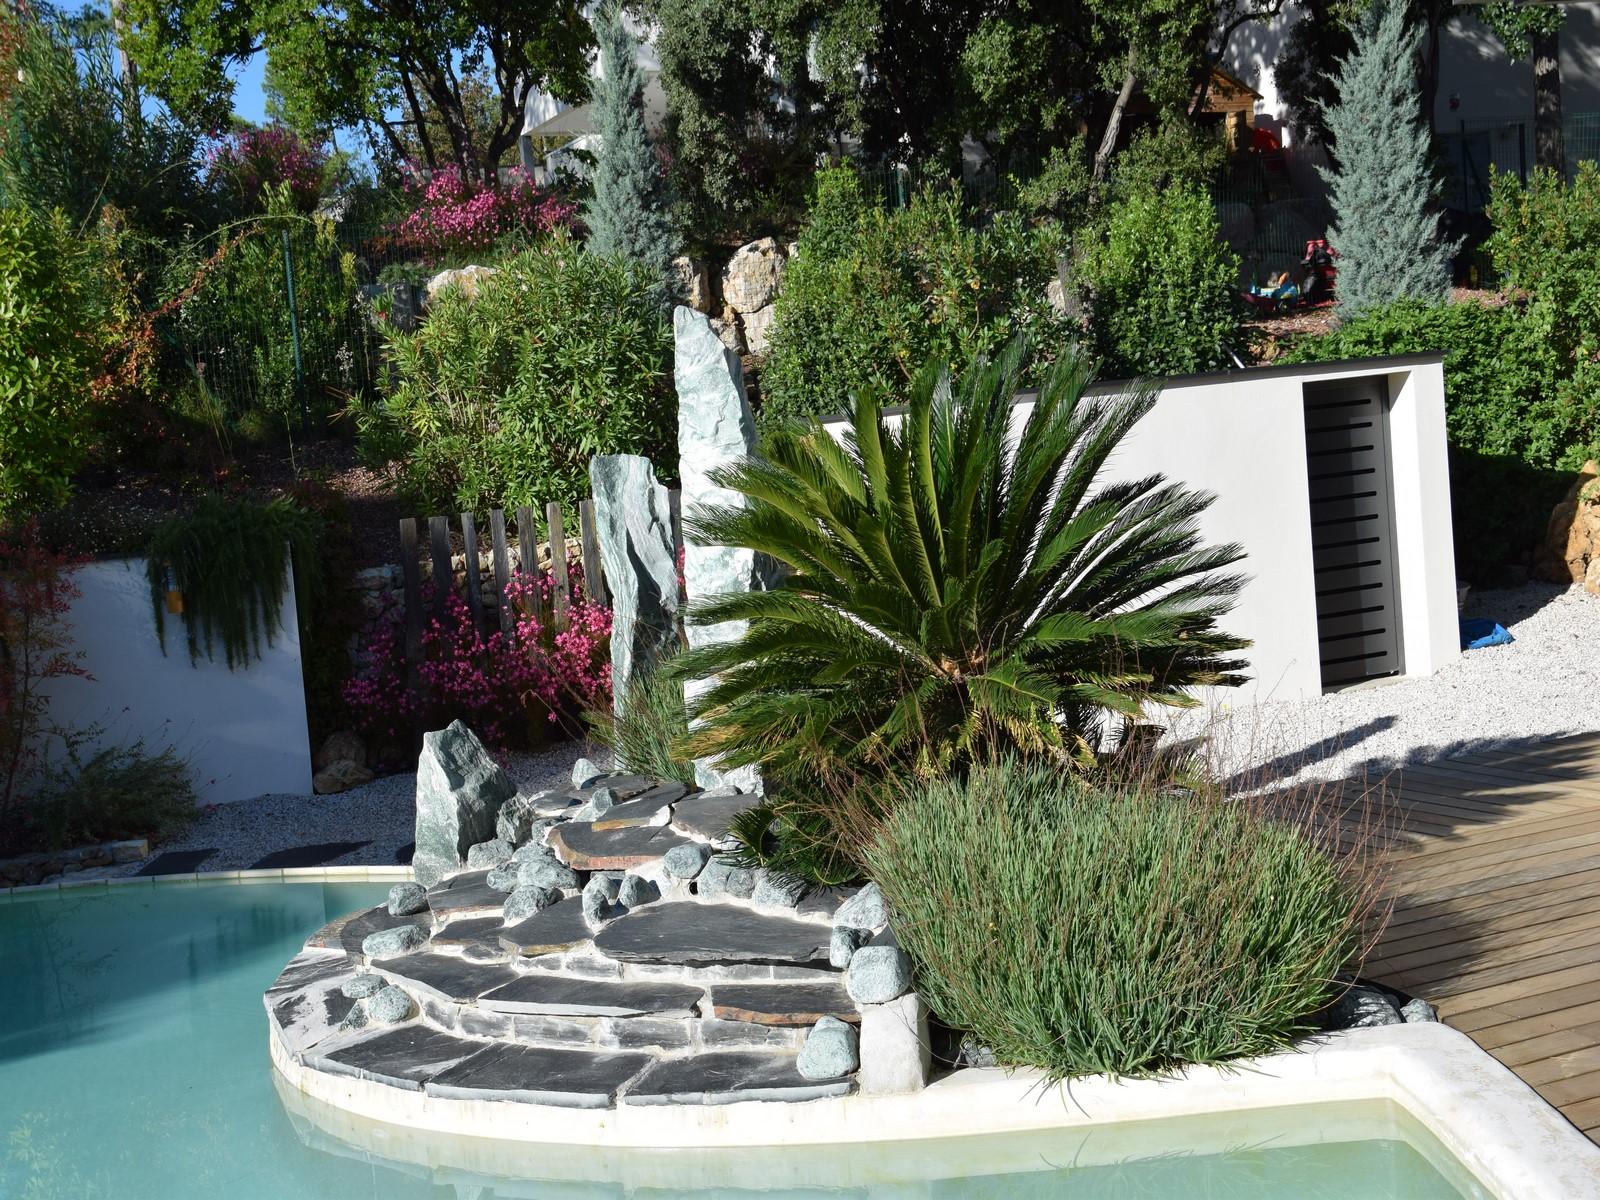 Am nagement jardin montpellier herault Image jardin paysager